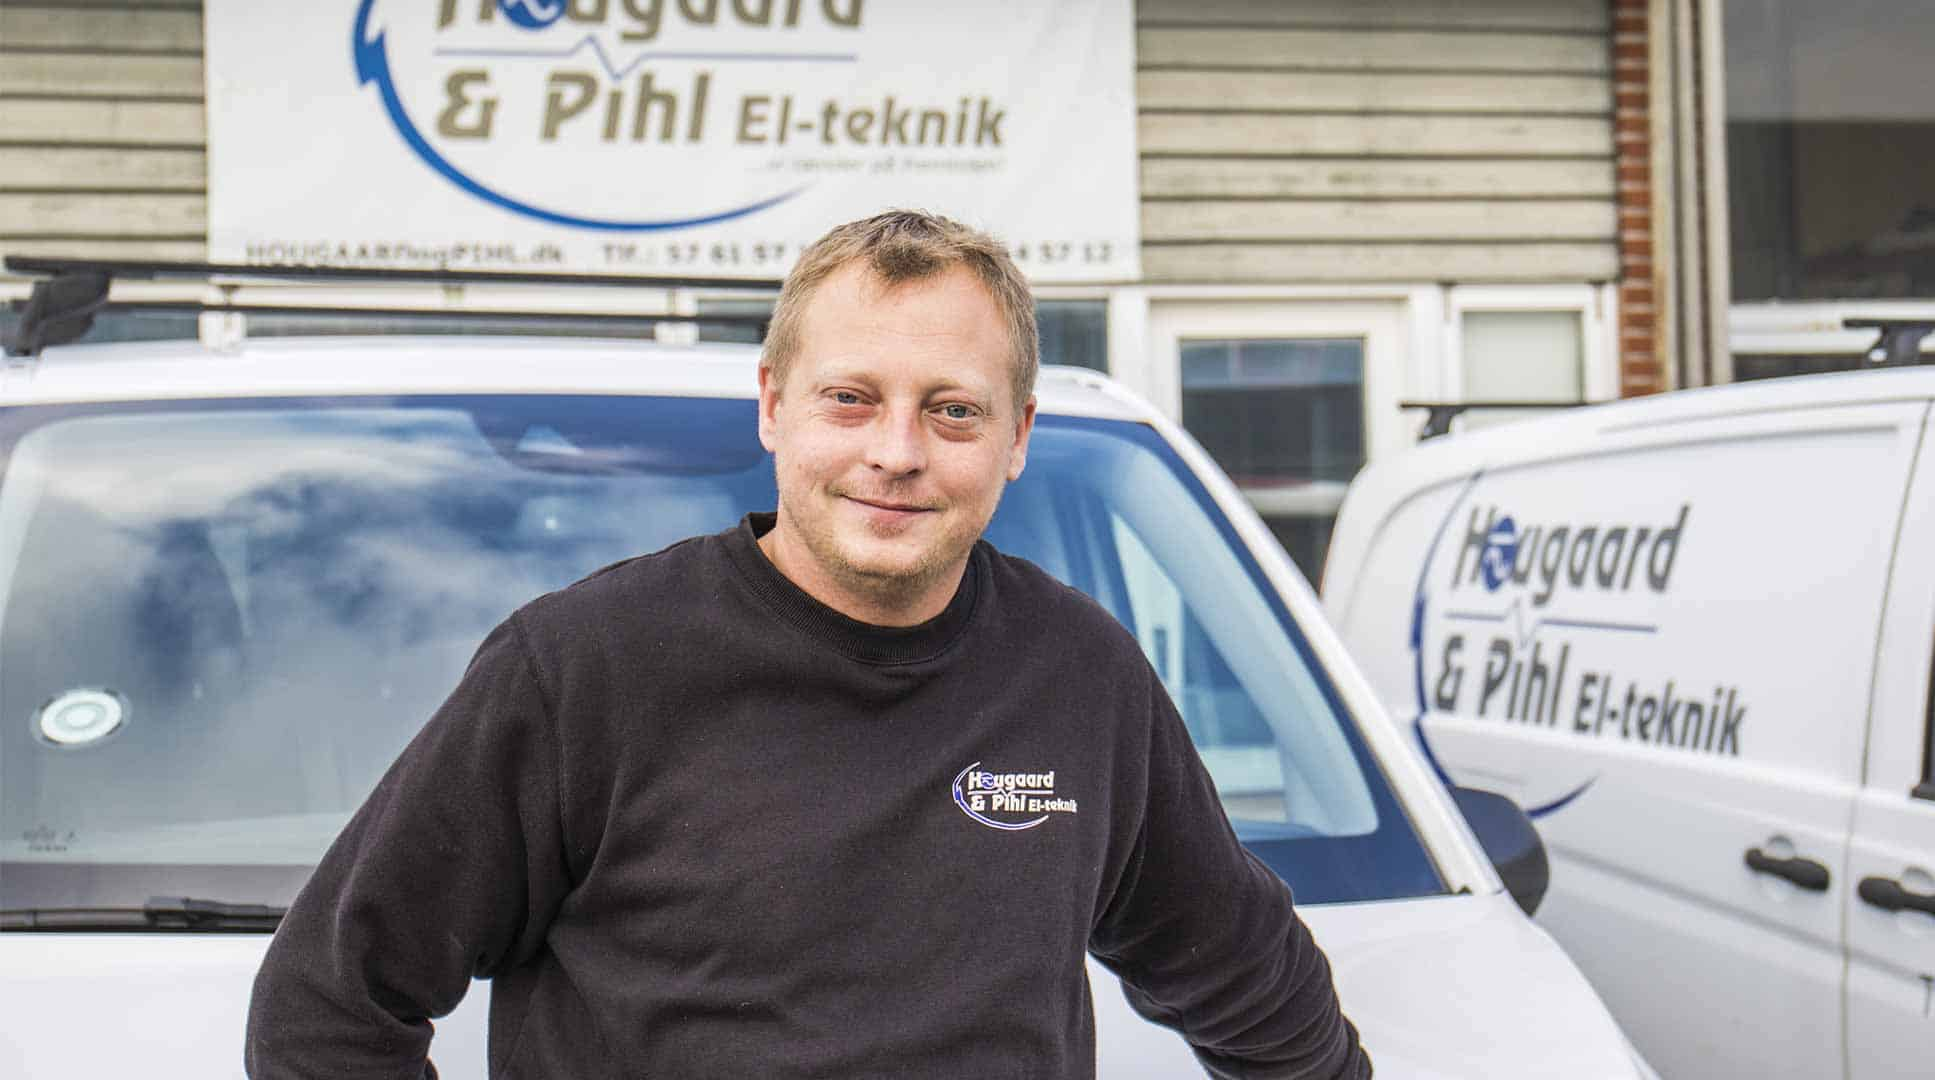 Elektriker fra Hougaard & Pihl i Ringsted